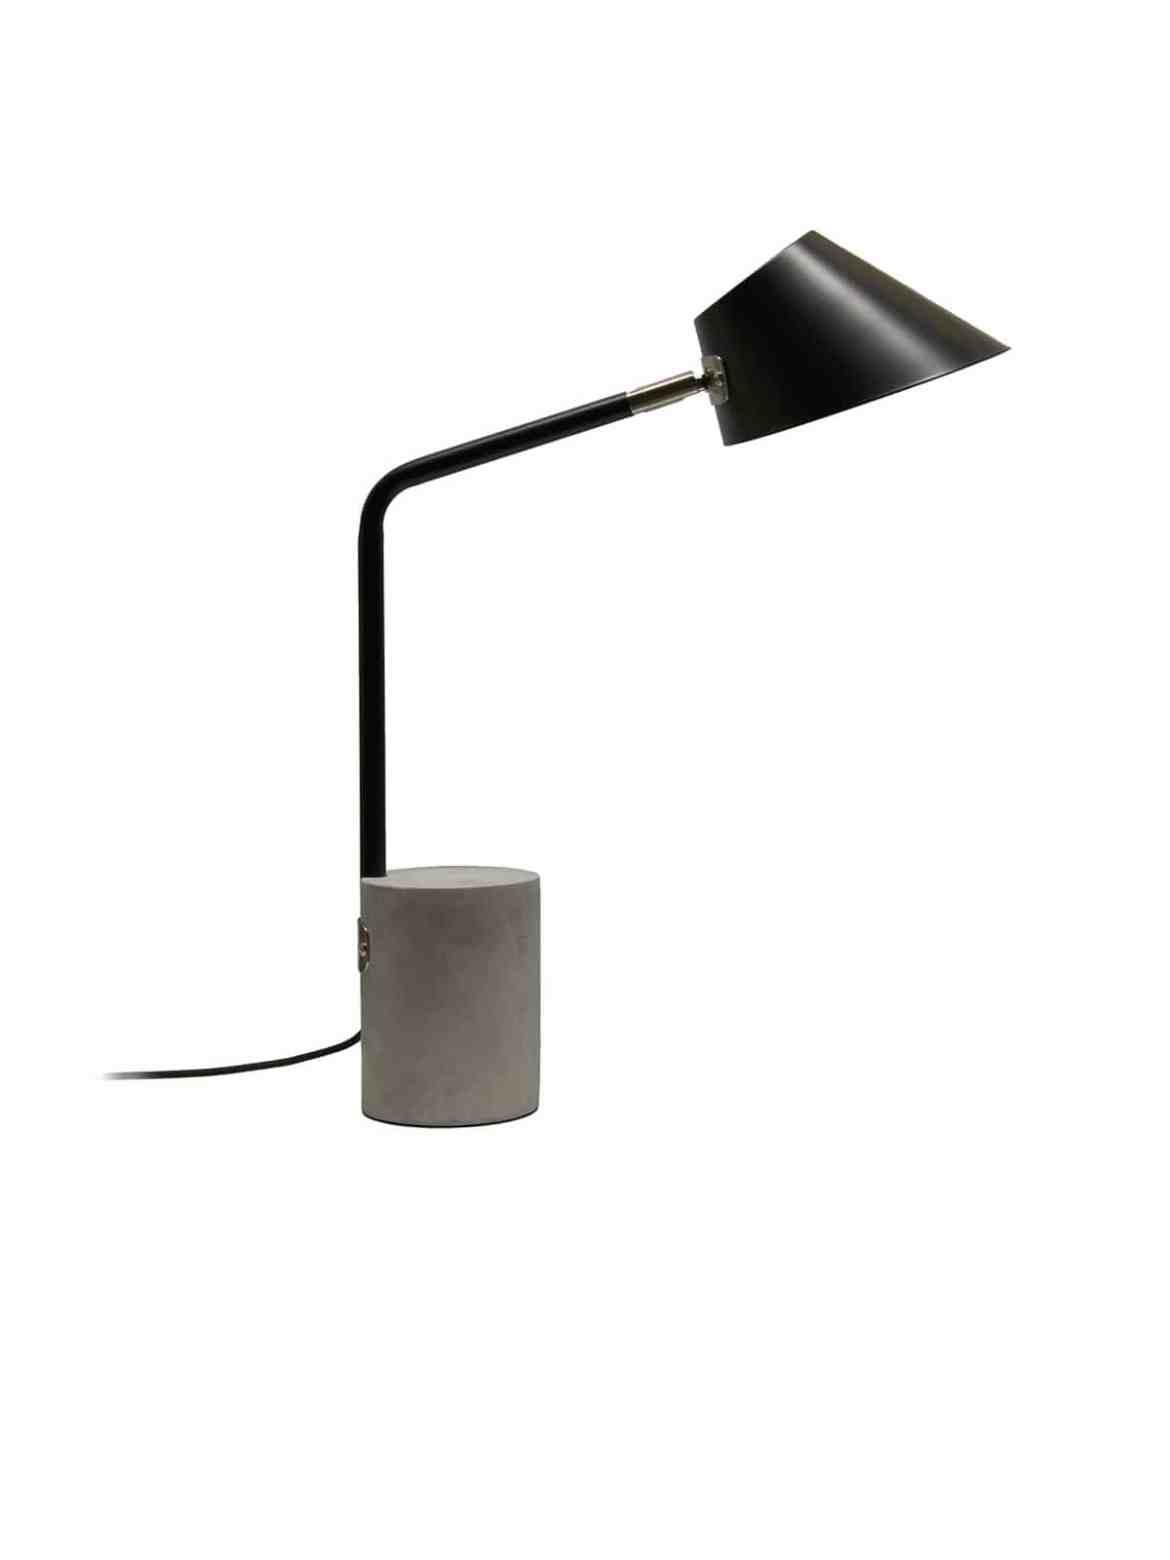 DESK von Frandsen, neue Leuchten bei DesignOrt